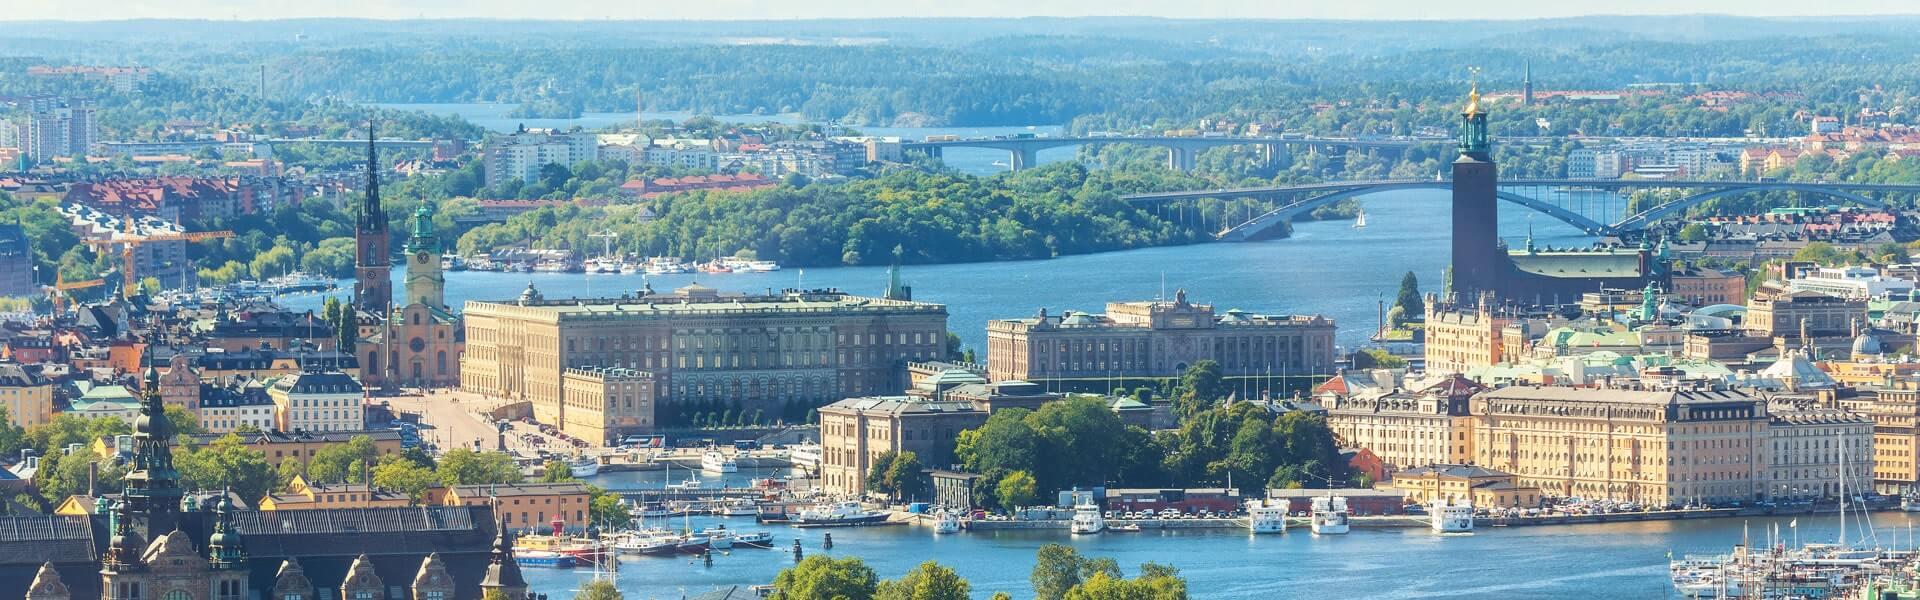 Aussicht auf die Gamla Stan - die Stockholmer Altstadt